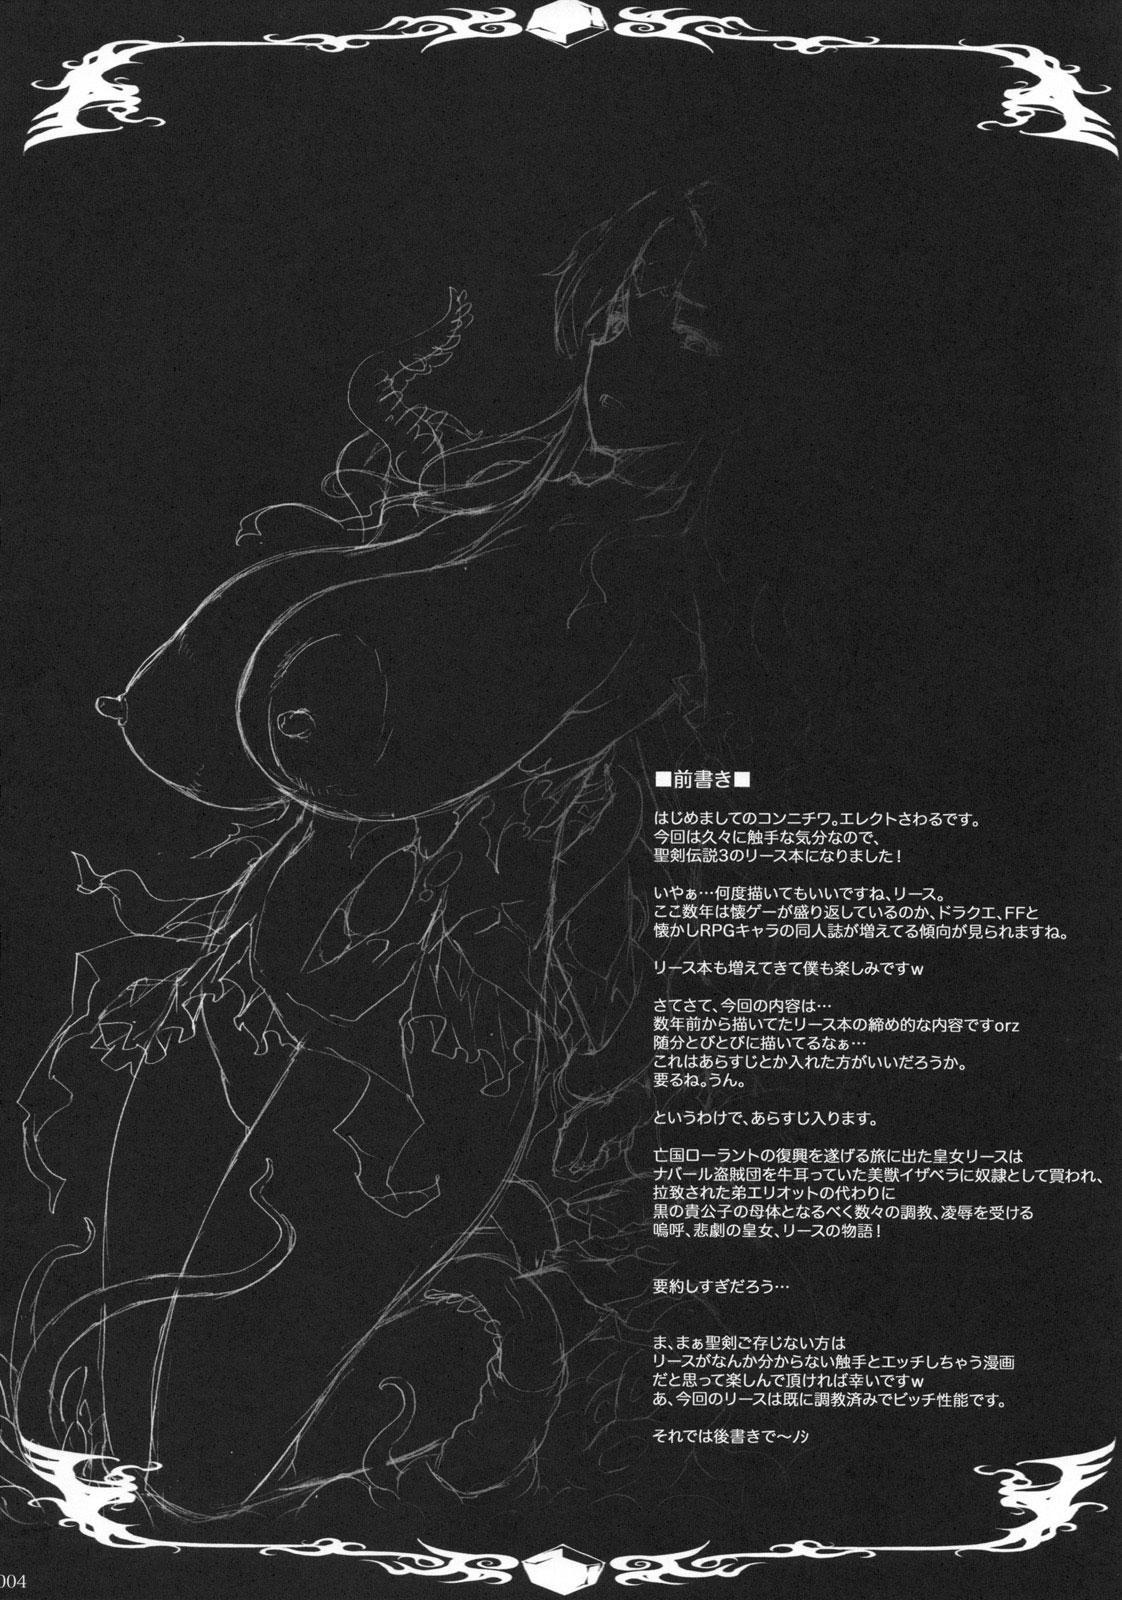 Injiru Oujo IV - Erotic Juice Princess 4 2